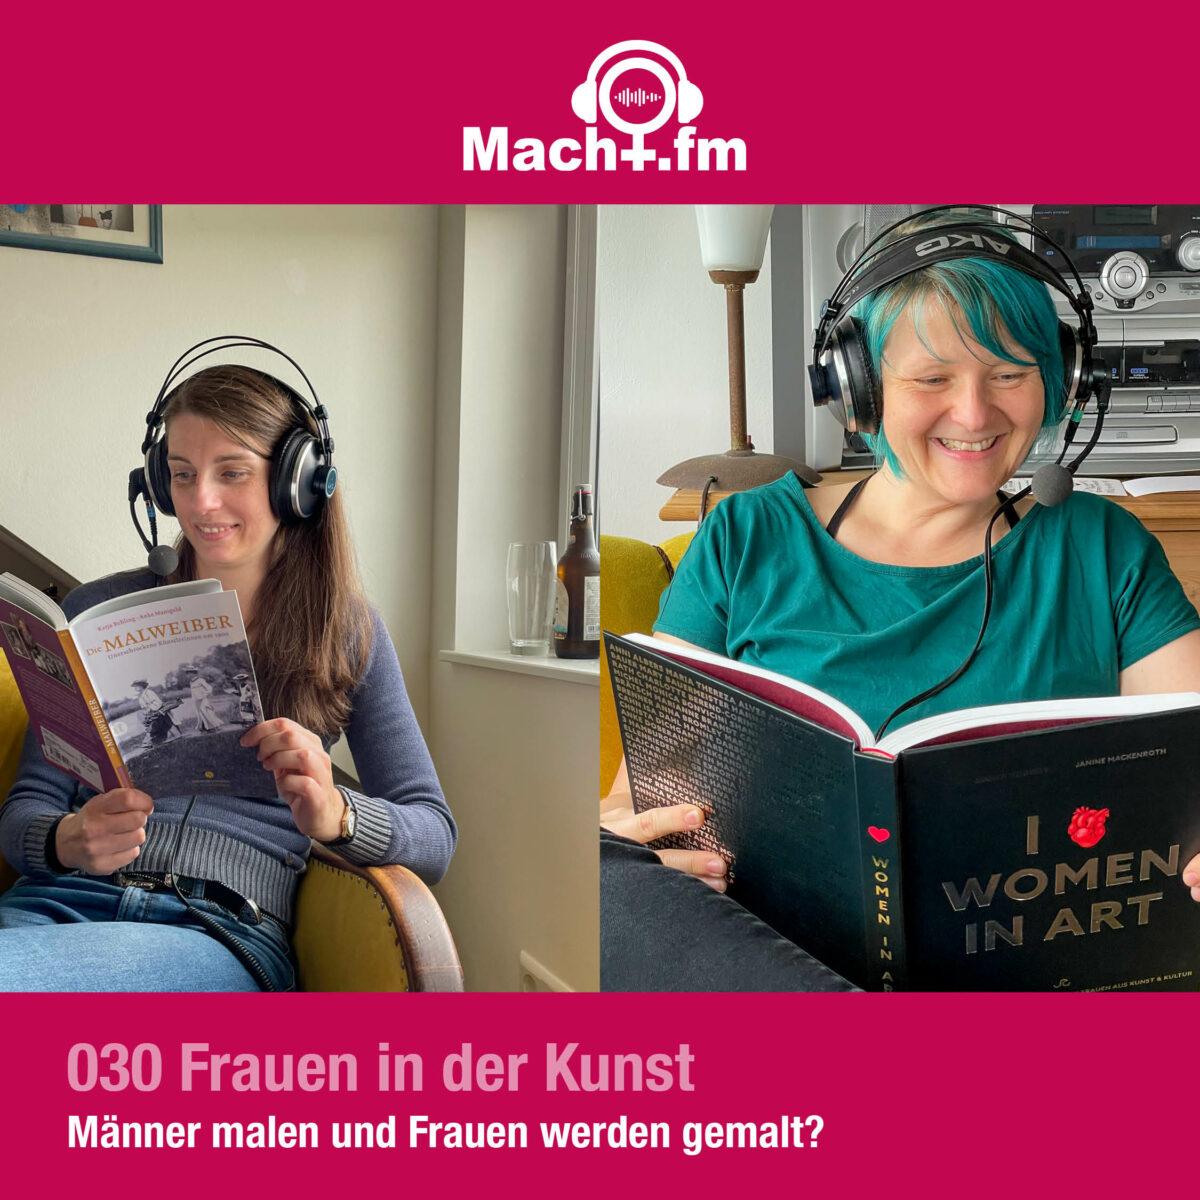 Dr.in Macht und Hiwi Aline mit Headset und Kunstbuch